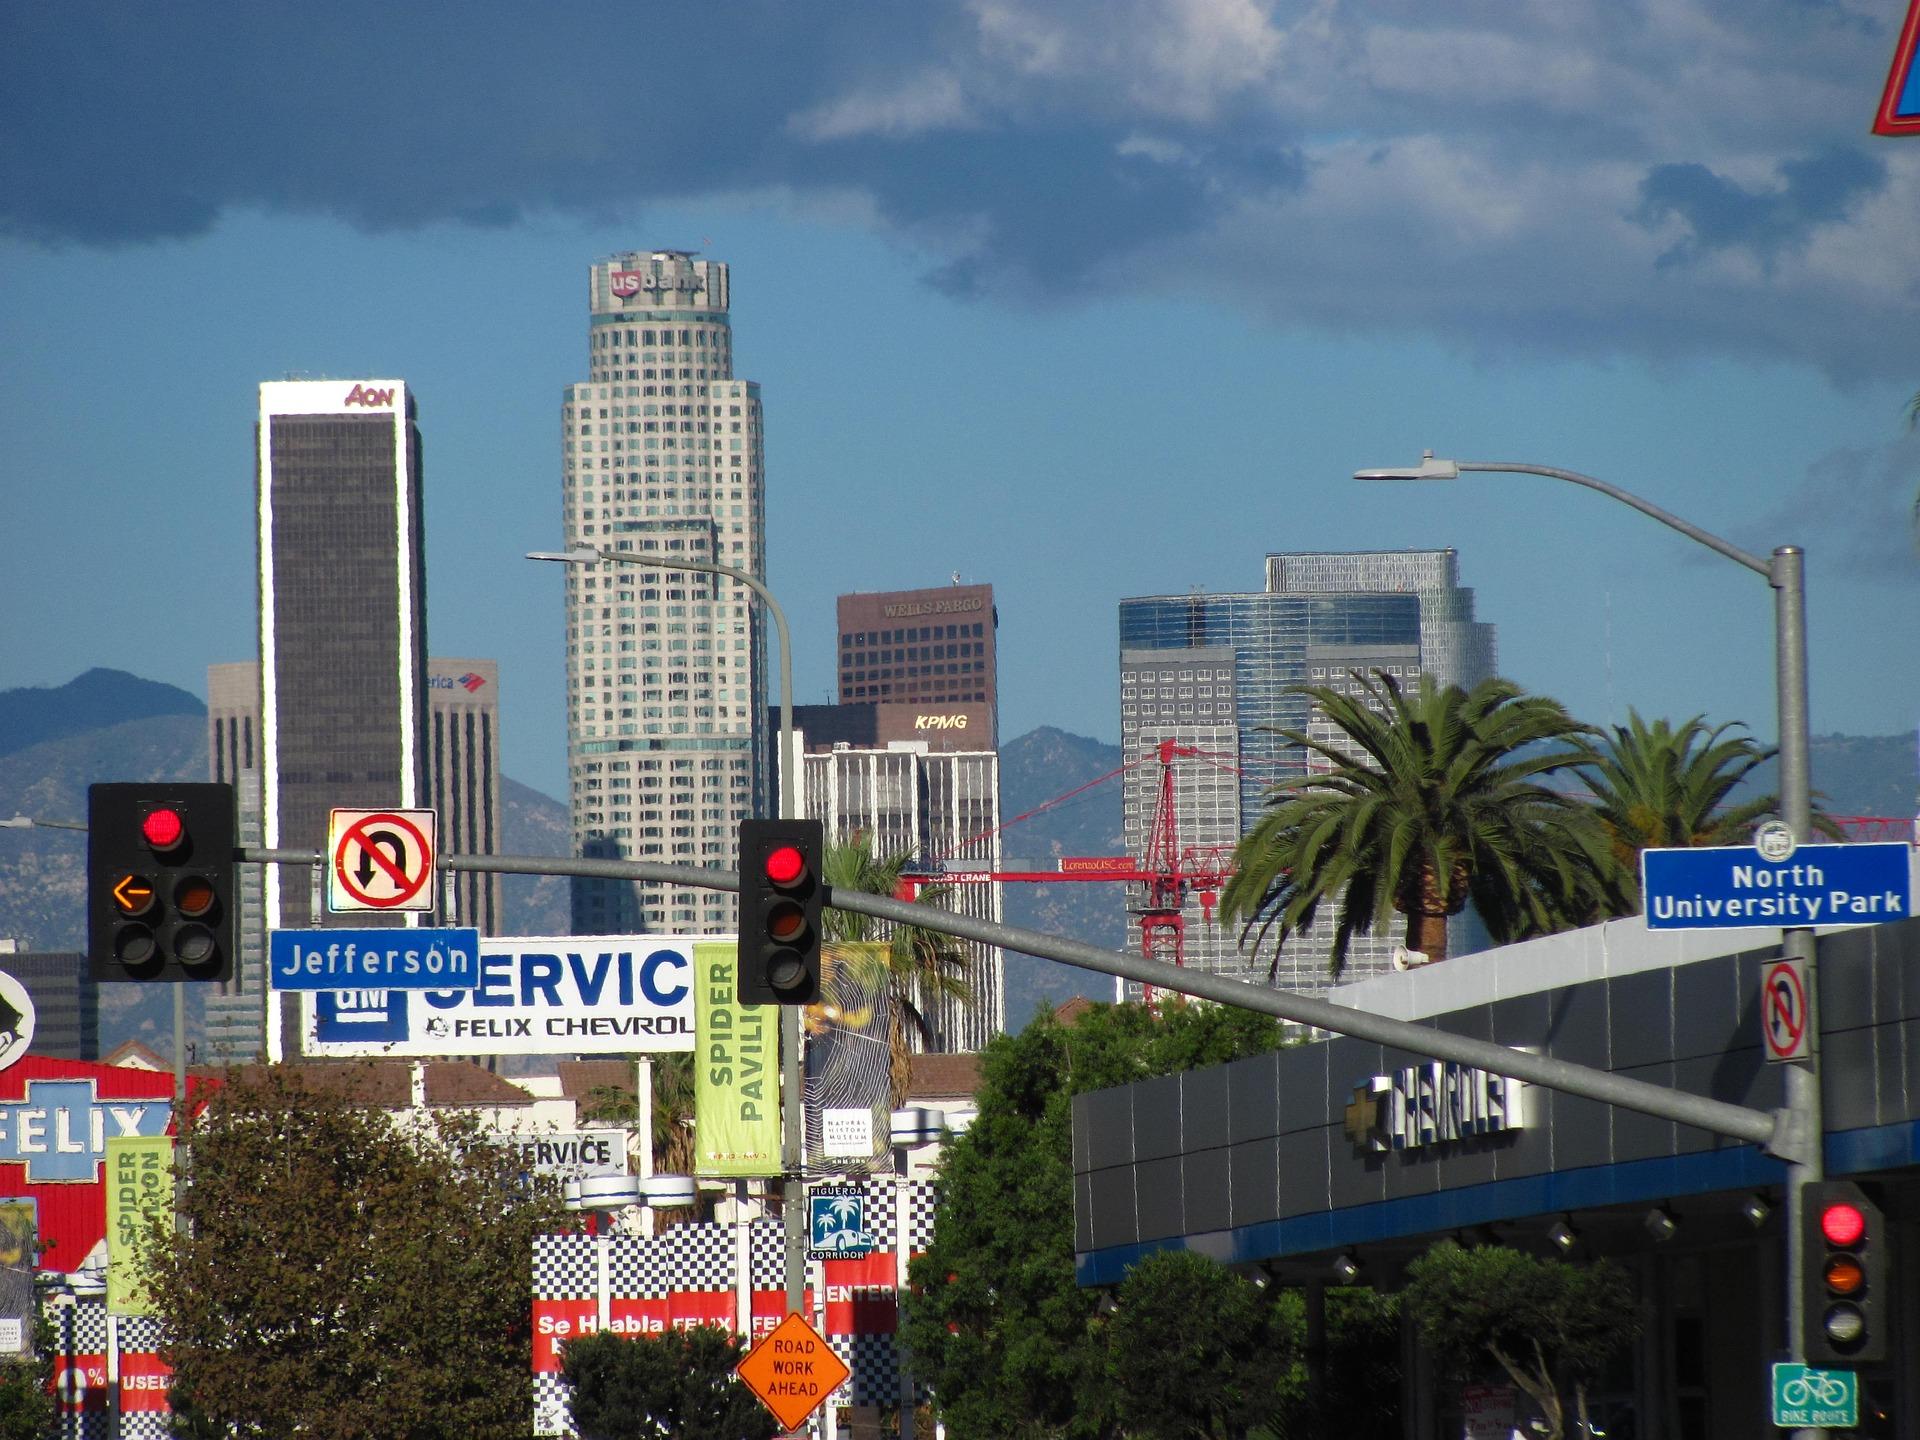 מפת לוס אנג׳לס